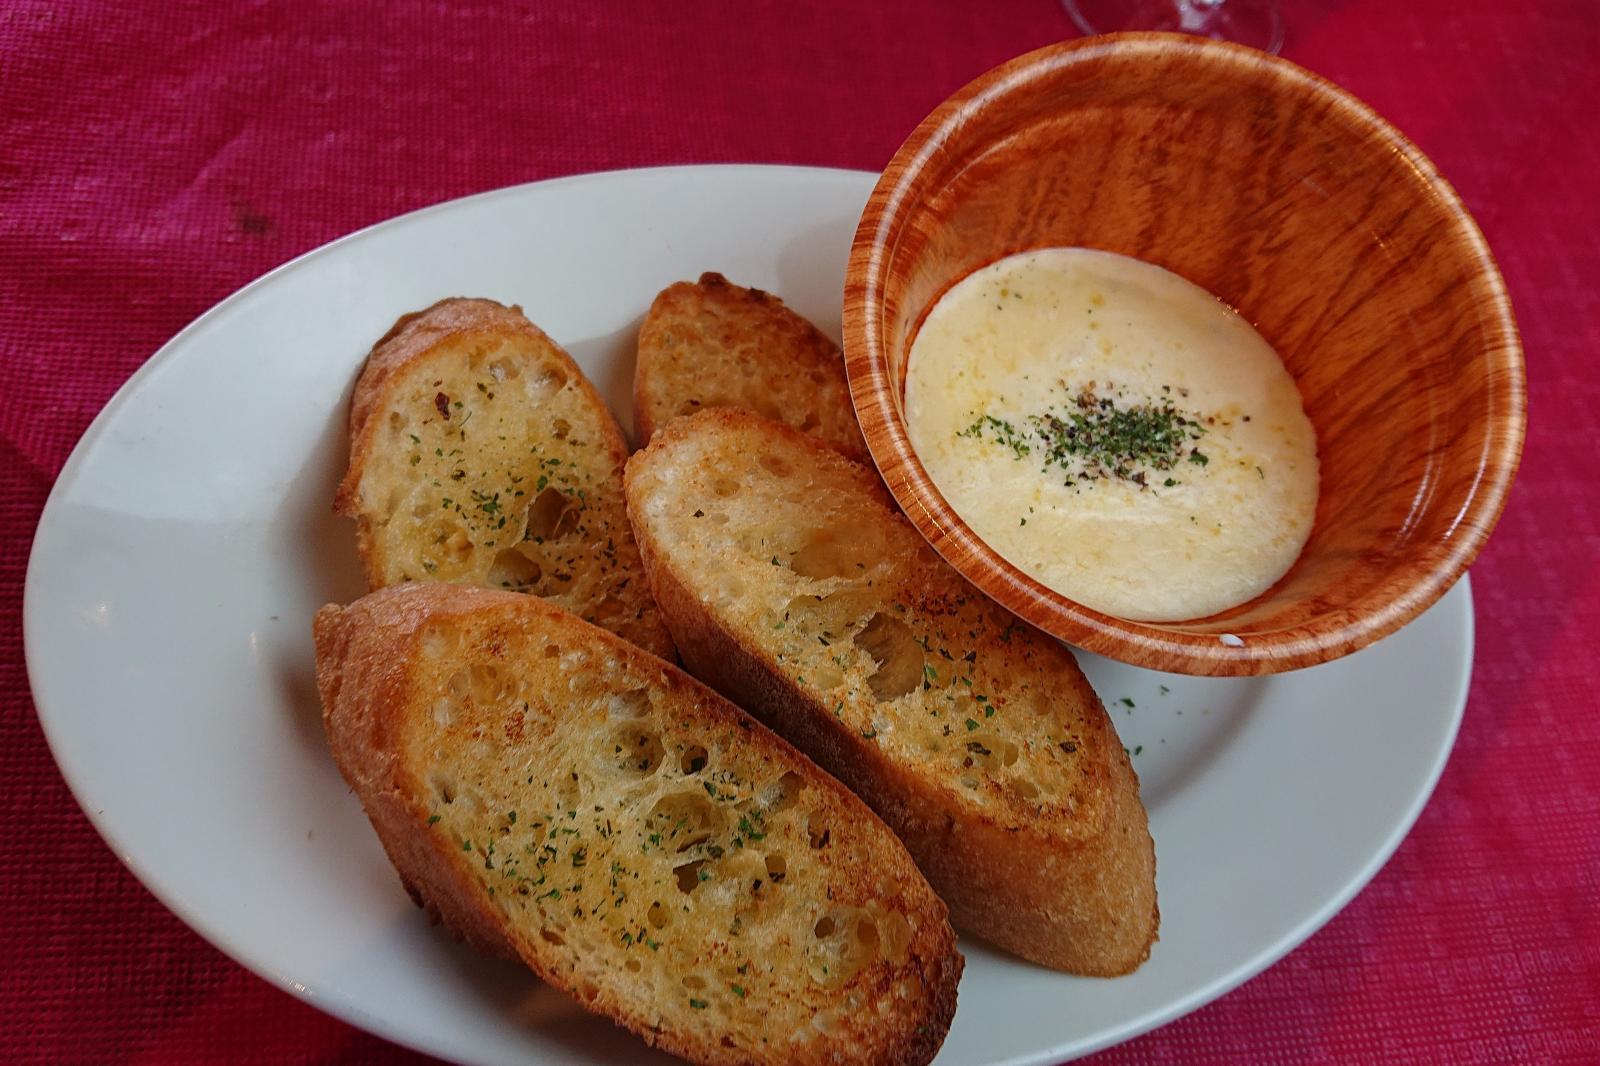 (食材の小売り販売)グラデ風チーズフォンデュ&ガーリックトースト のイメージ